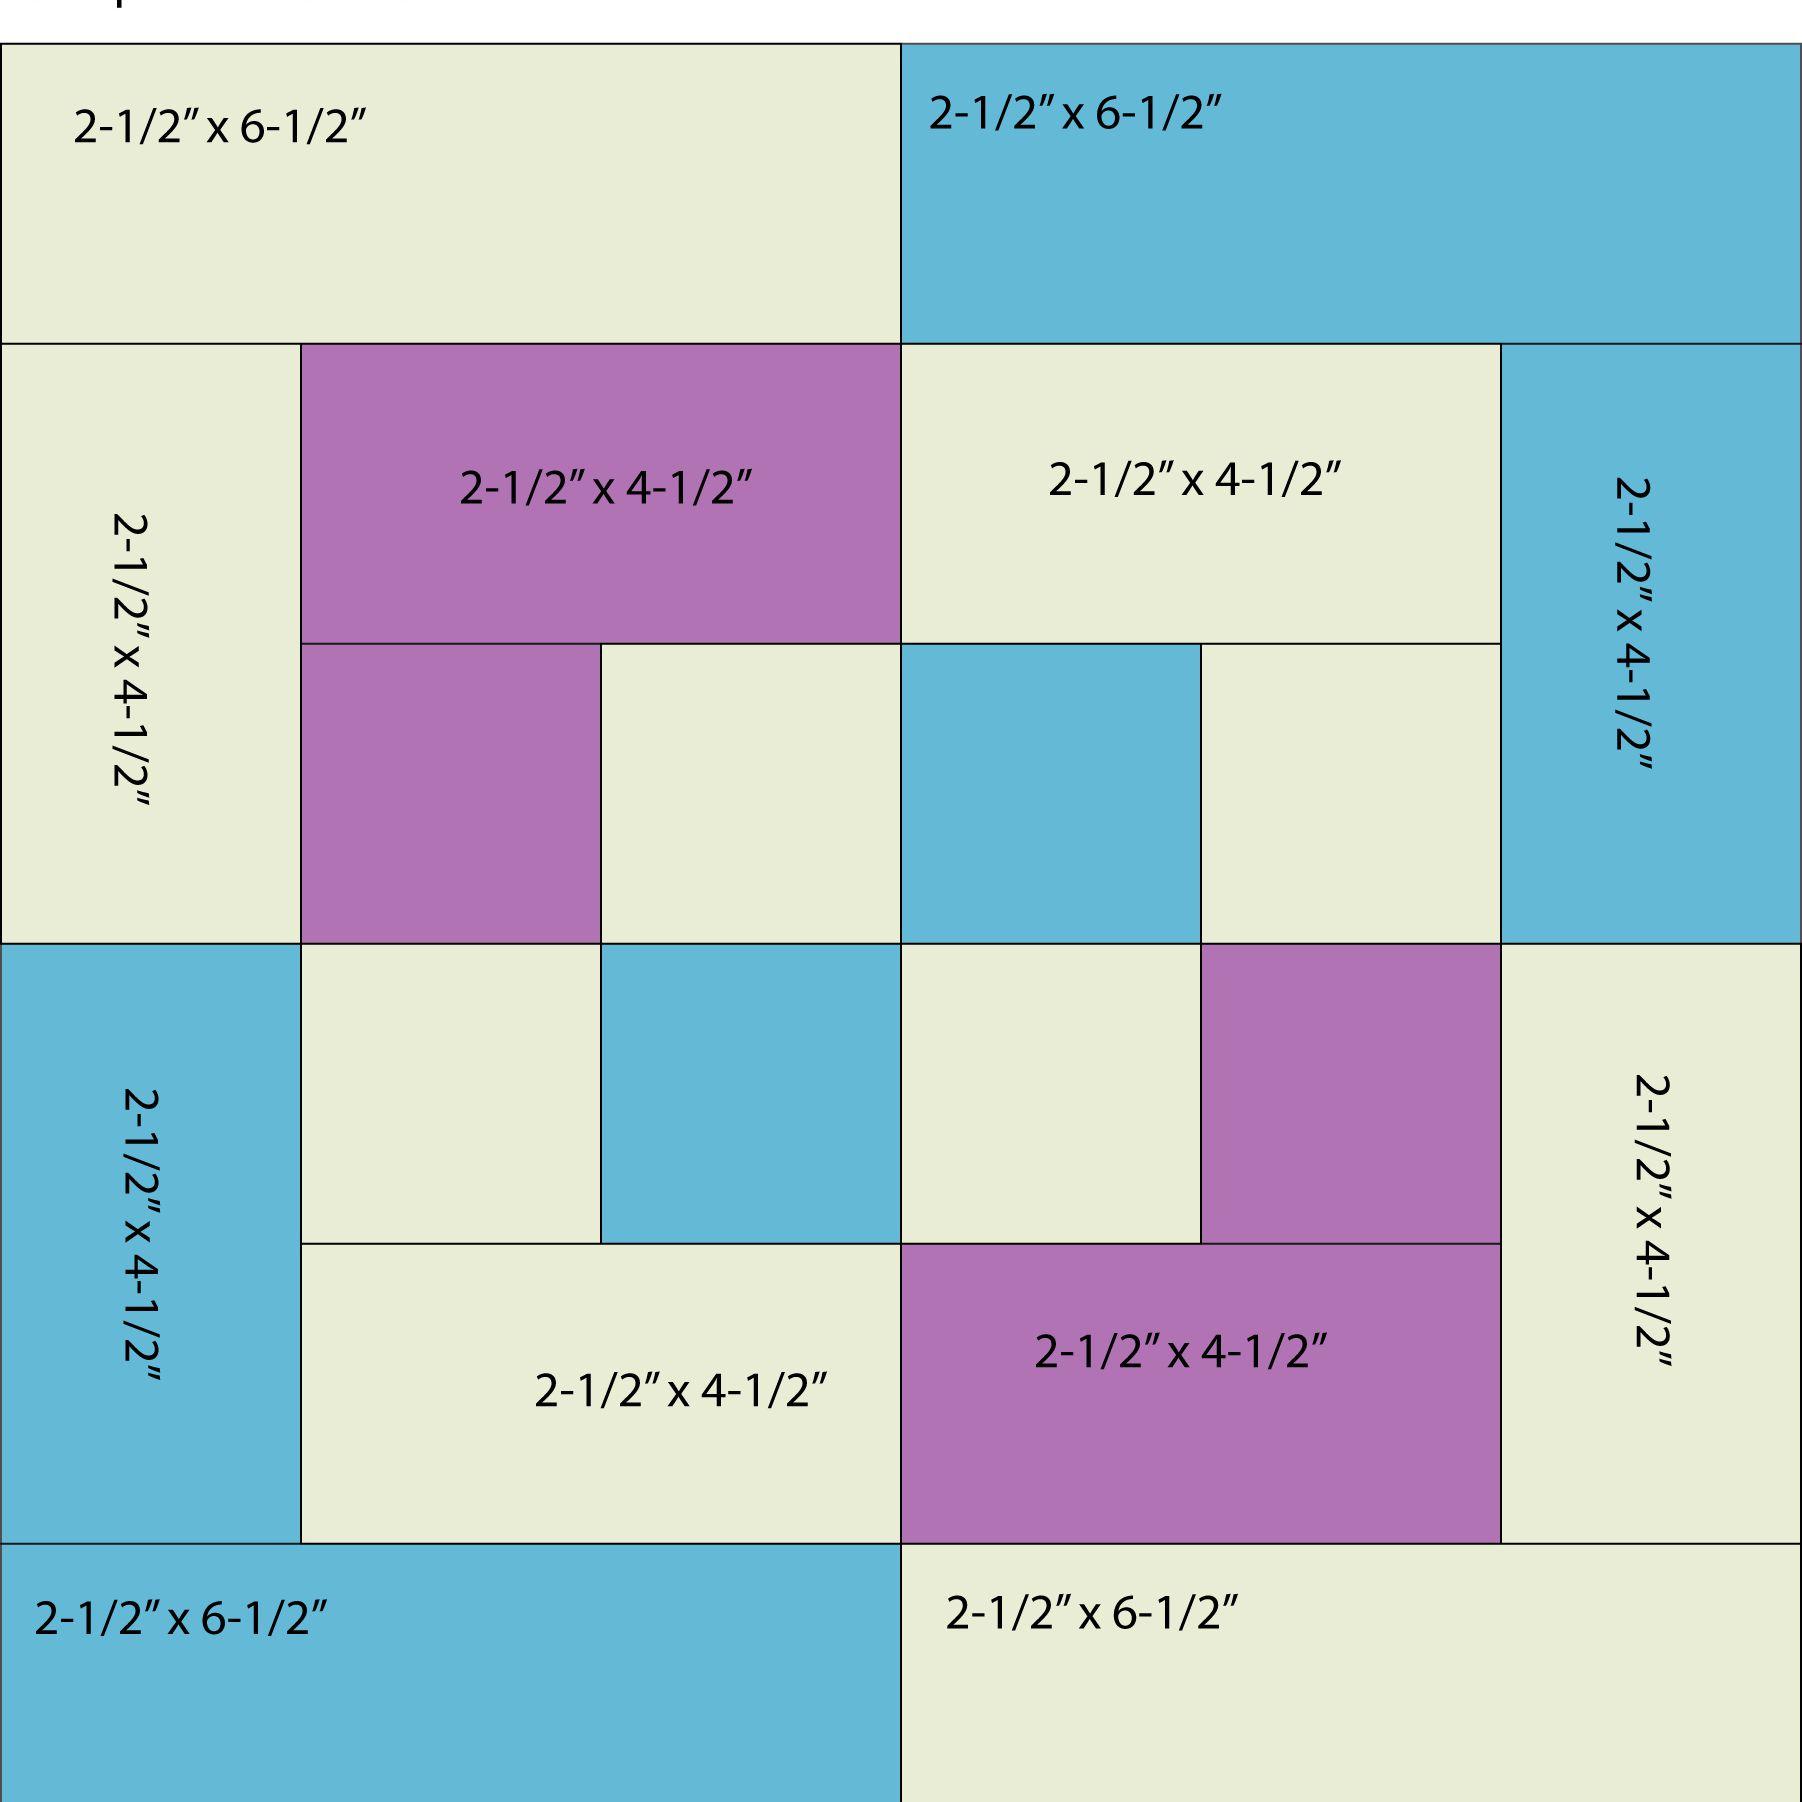 Bento Block Patch Sizes